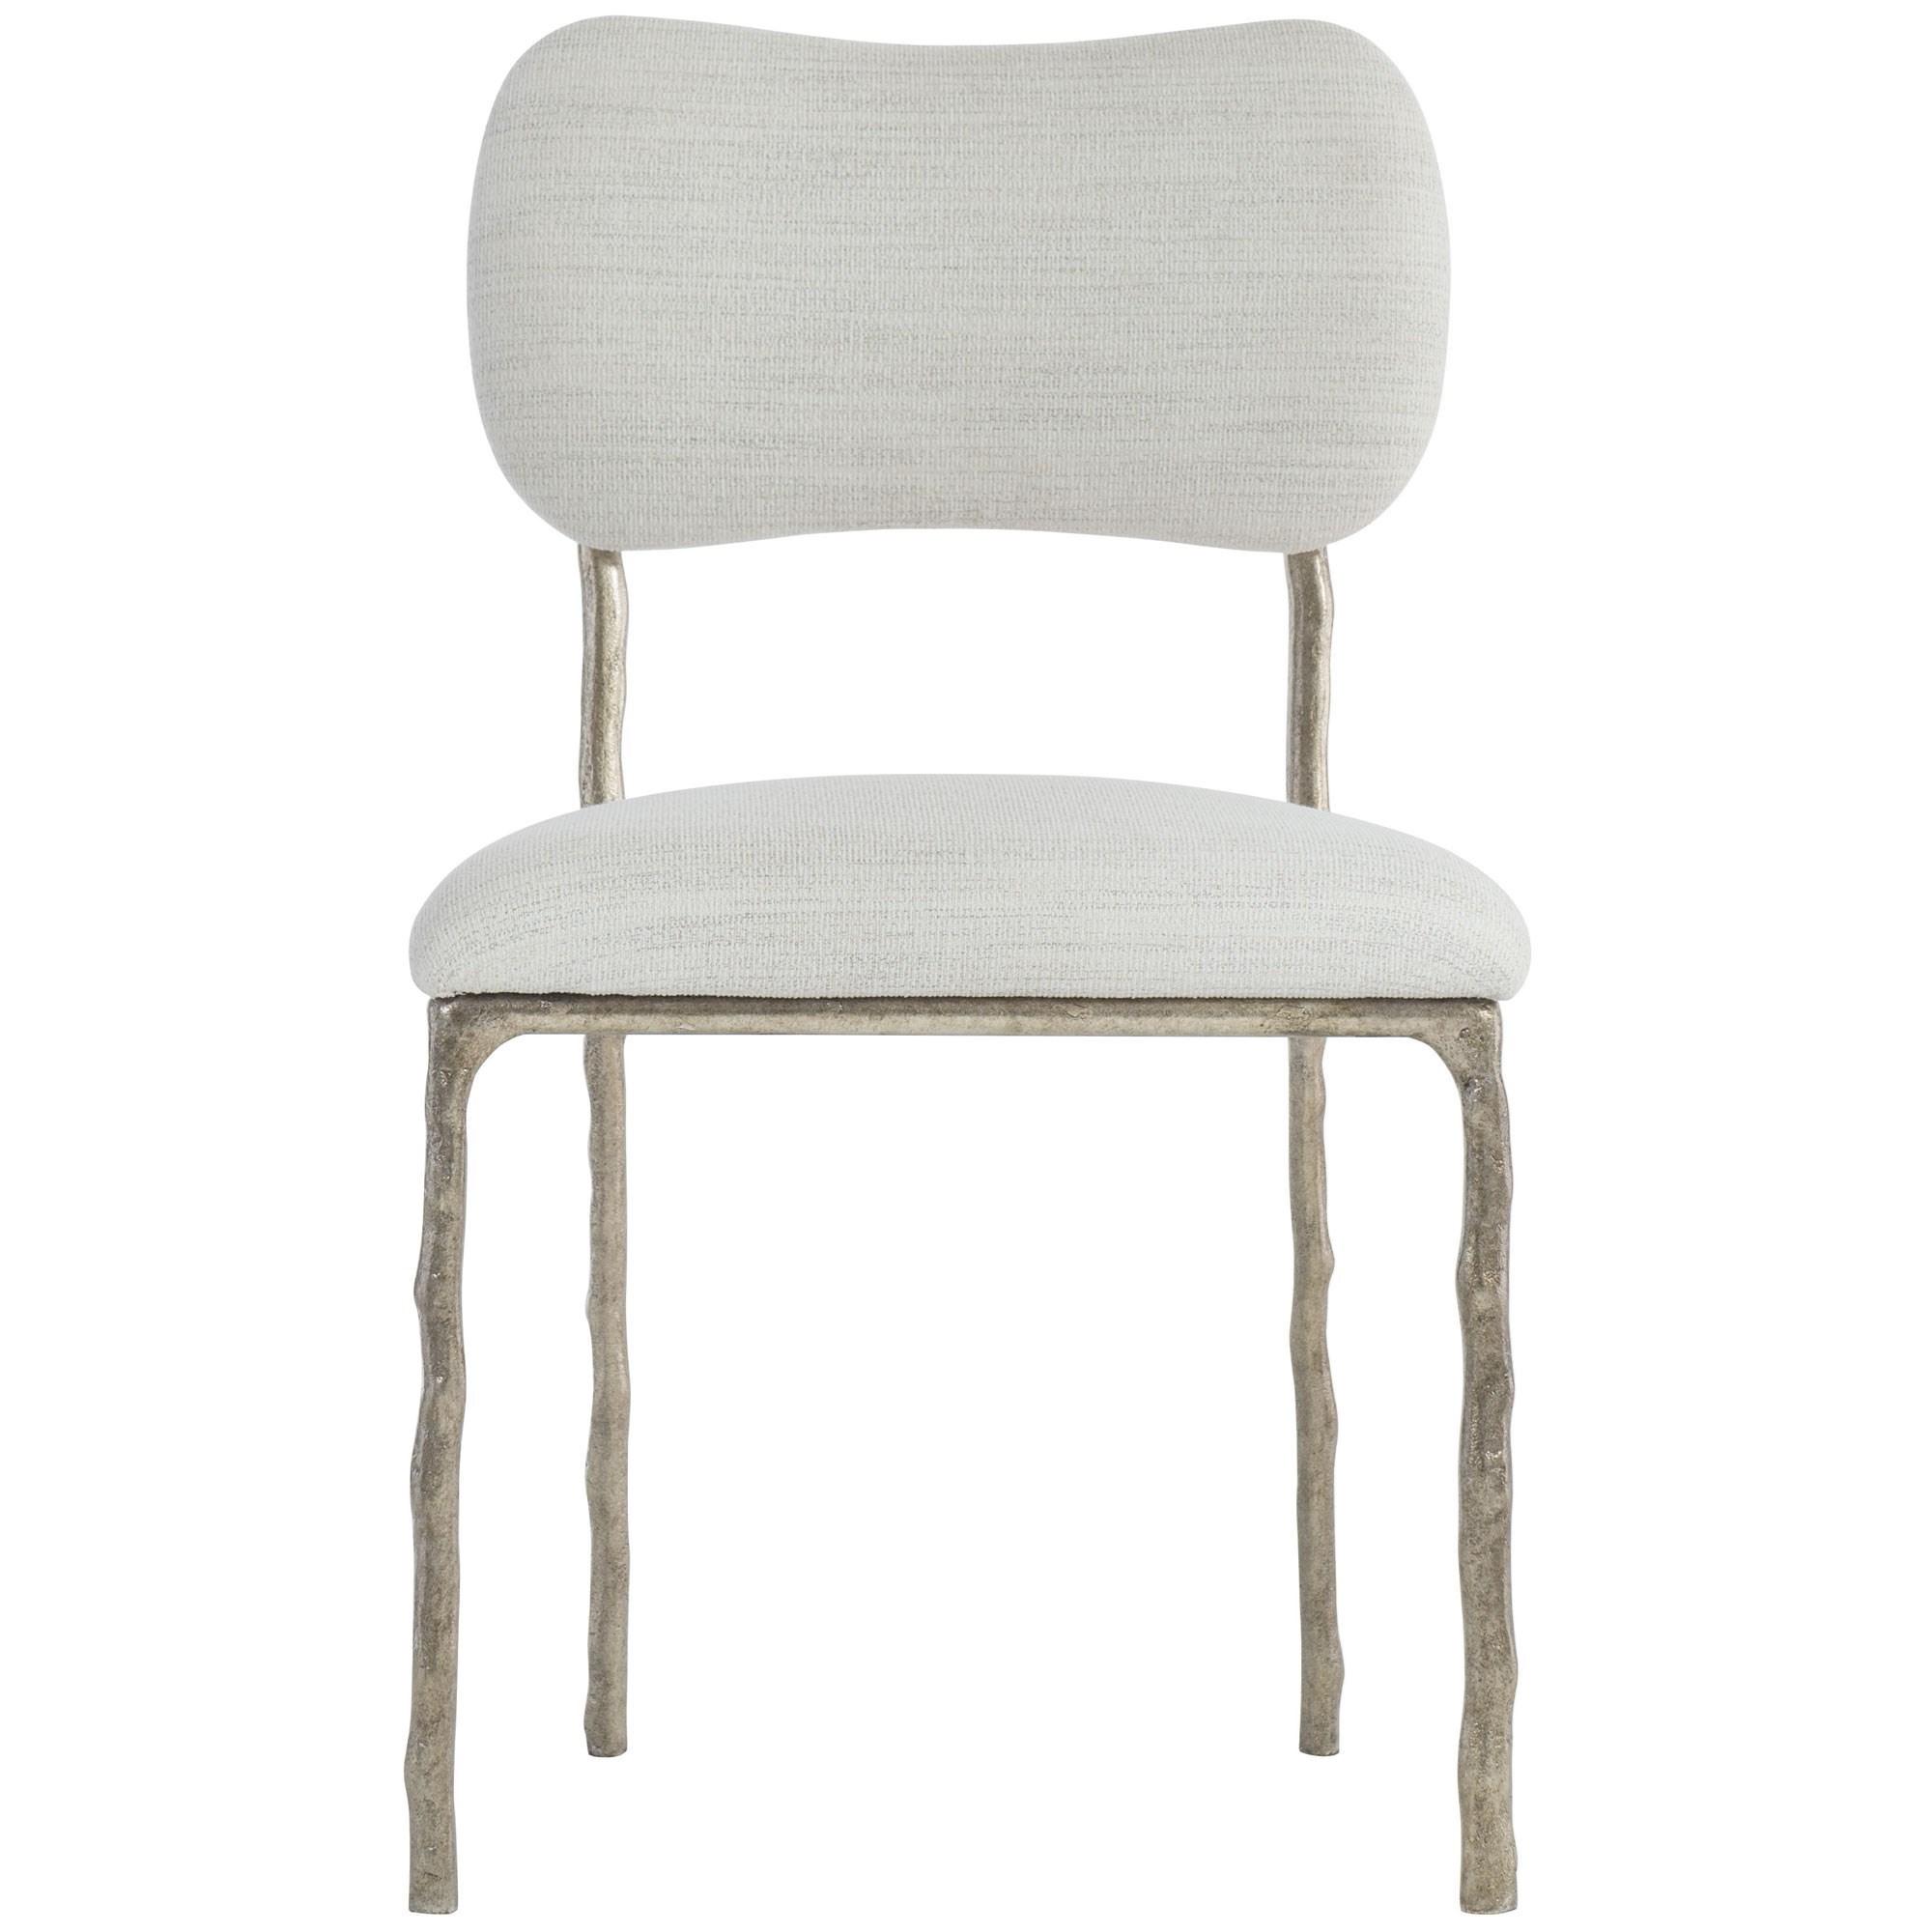 Interiors - Atticus Side Chair by Bernhardt at Sprintz Furniture